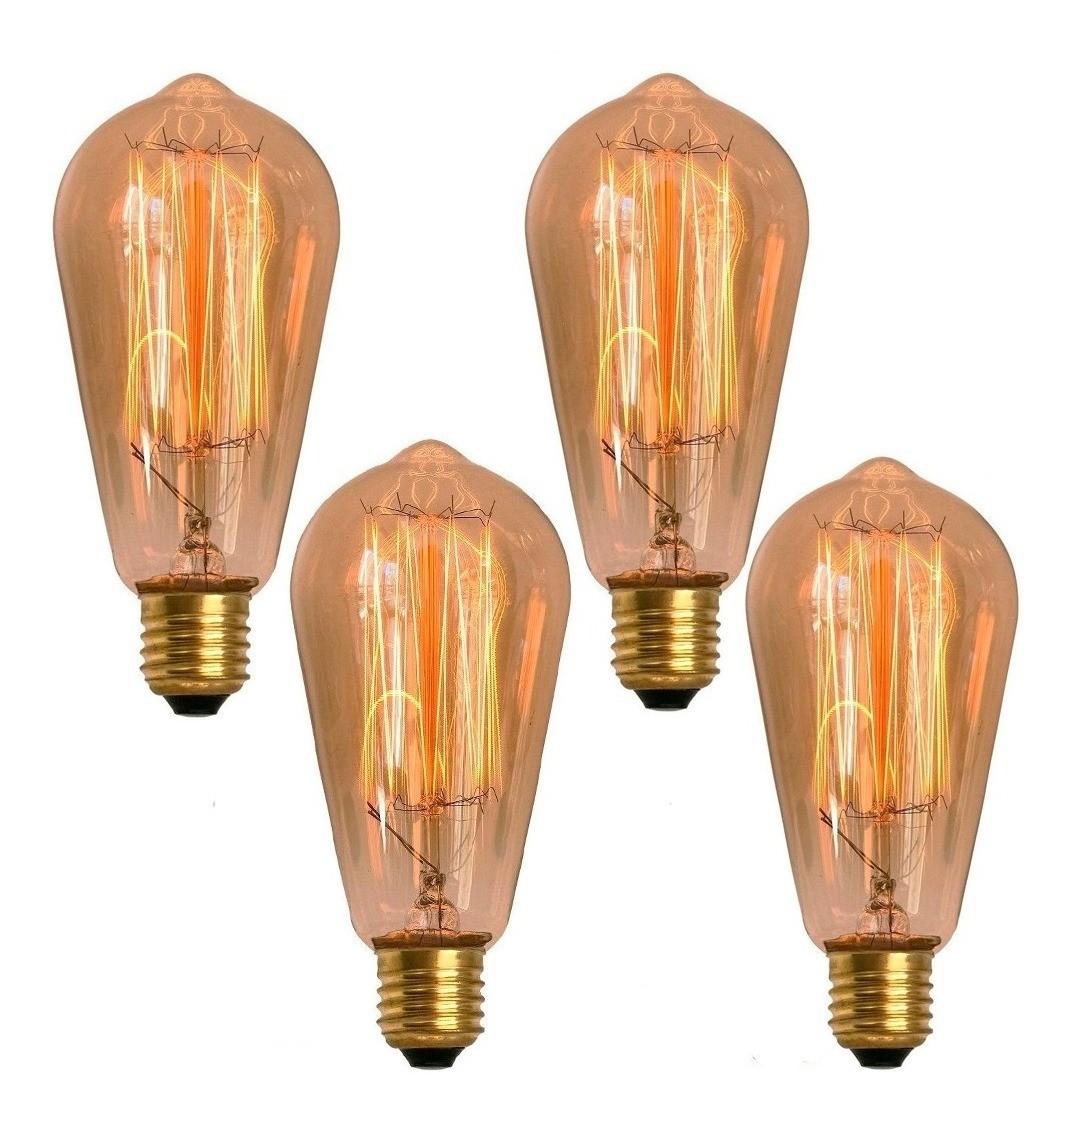 4 Lâmpadas Retrô Decorativa Vintage Thomas Edison St58